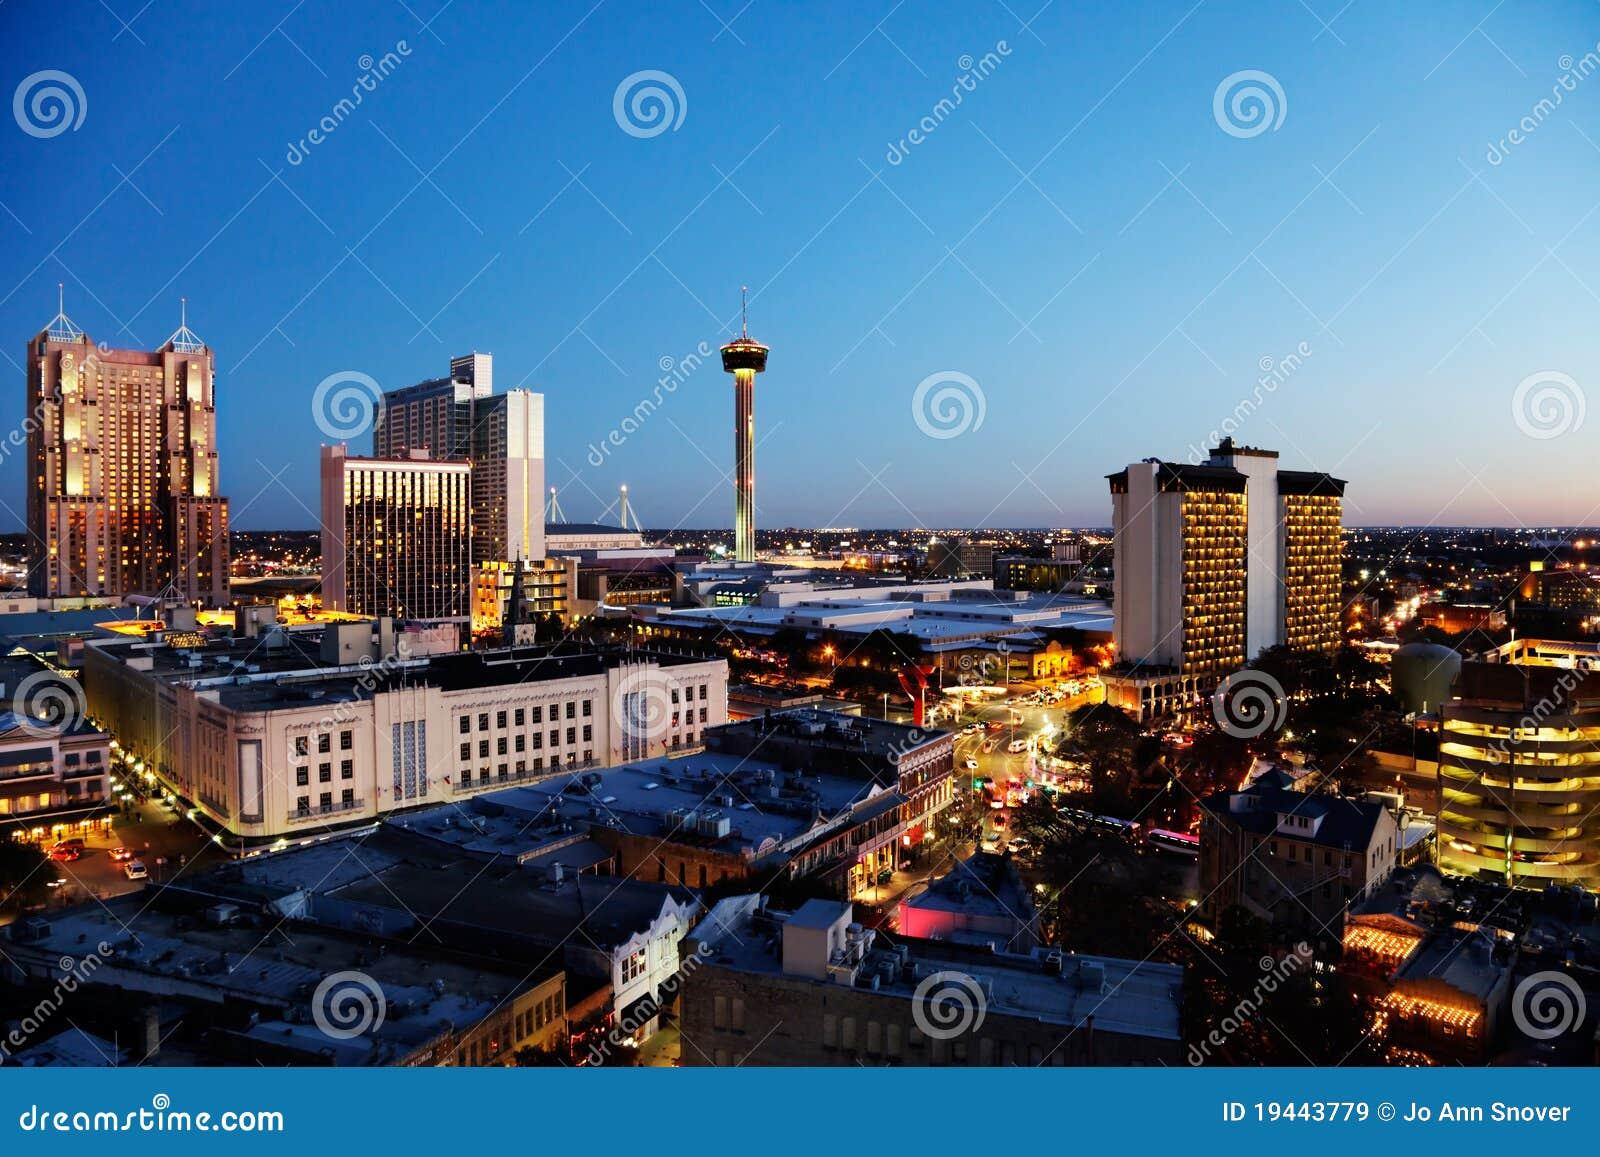 Skyline de San Antonio